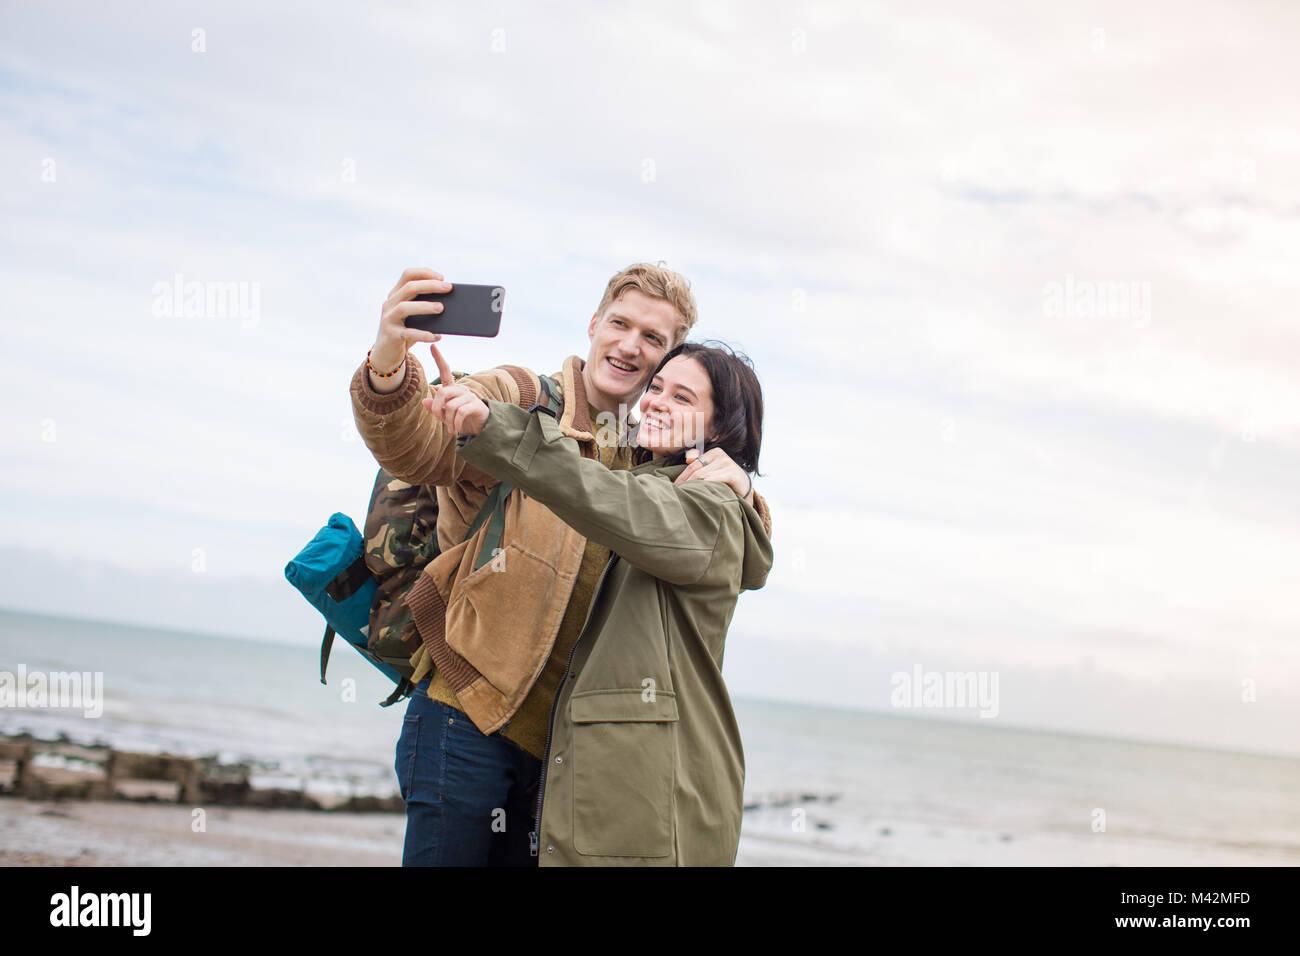 Un couple sur la plage selfies en hiver Photo Stock